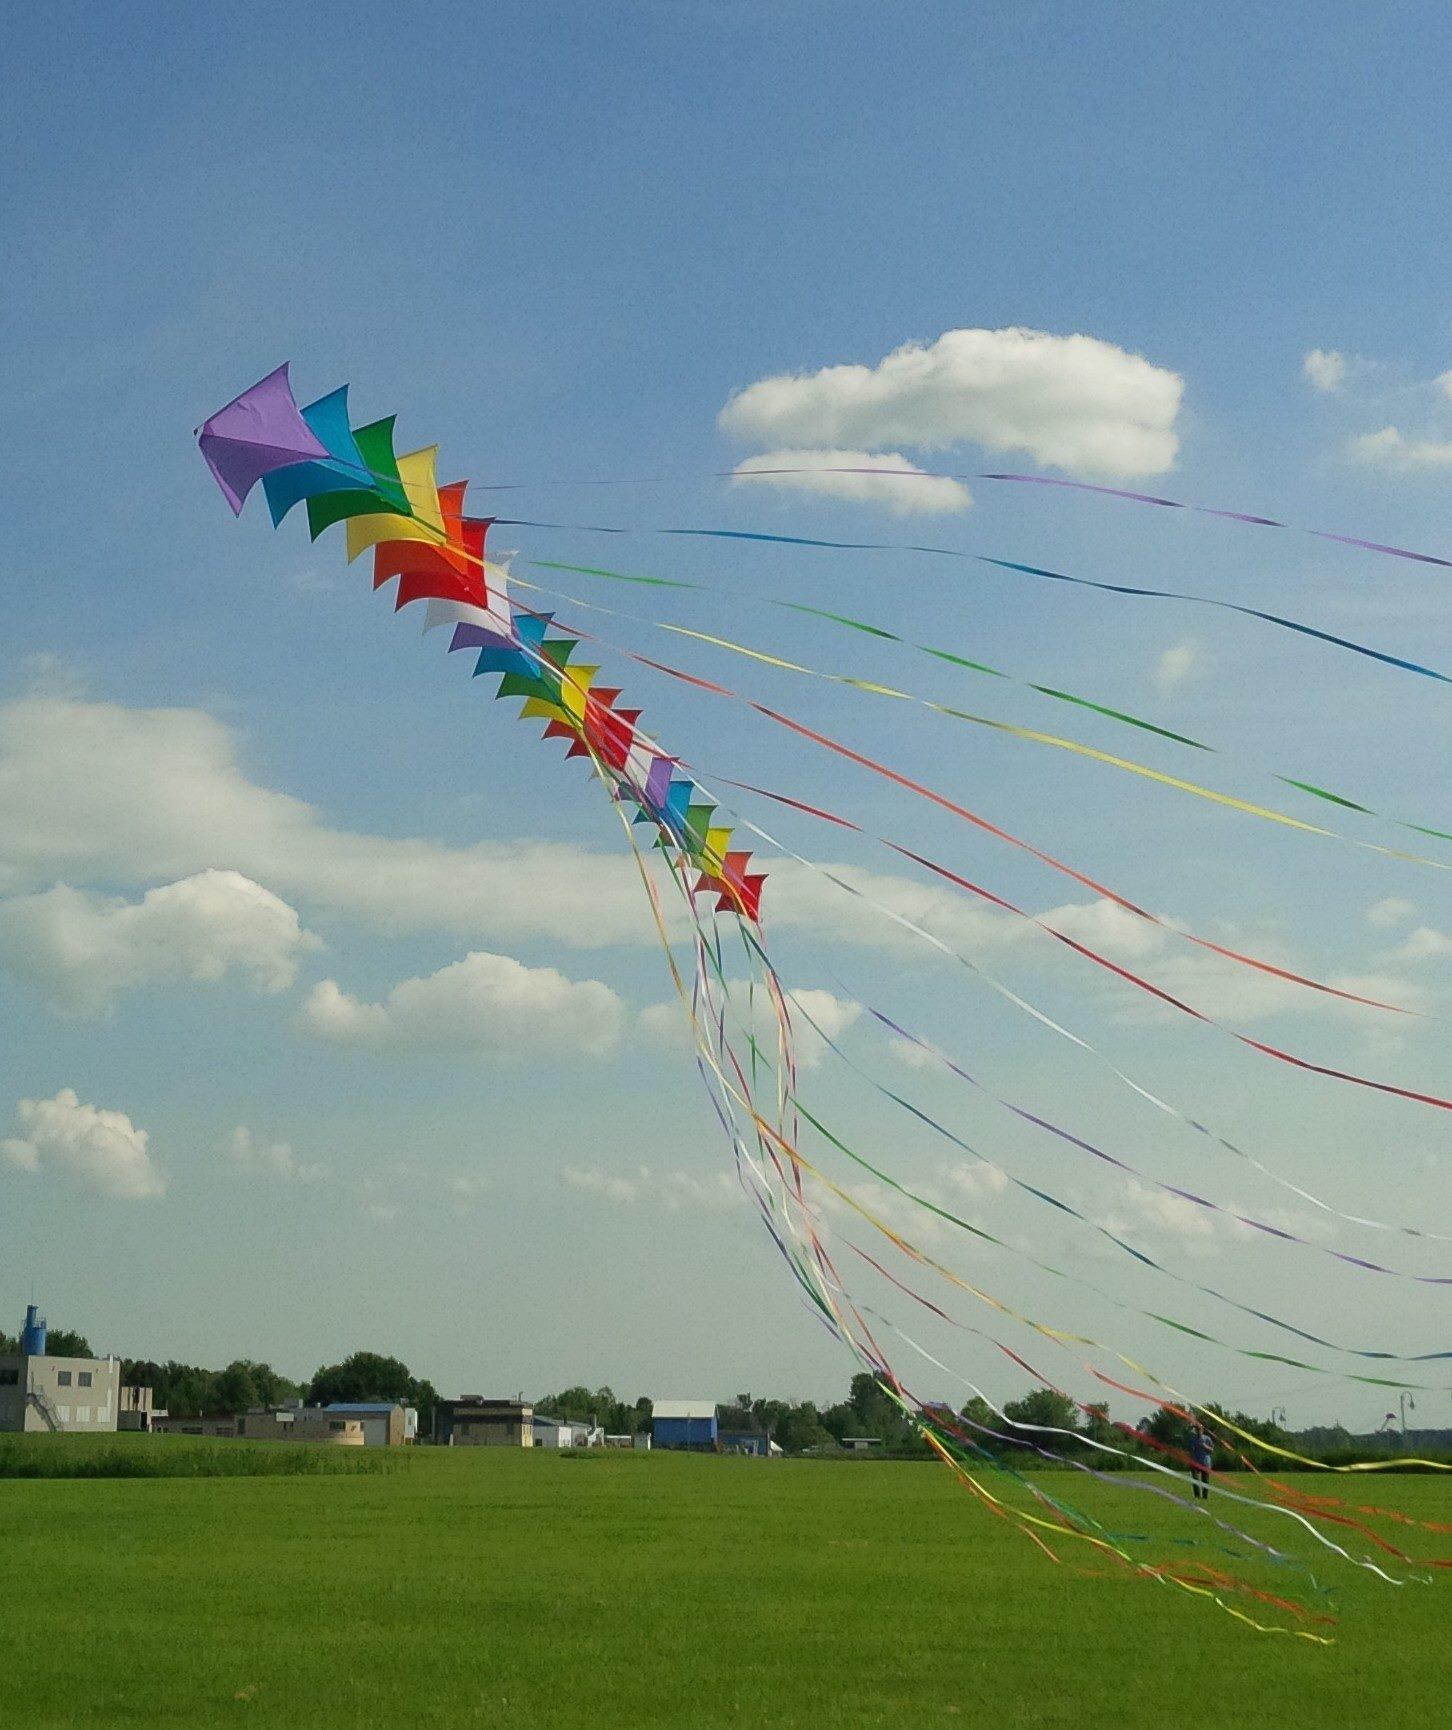 Photo: Facebook Cerf-volant Coriolis Kite